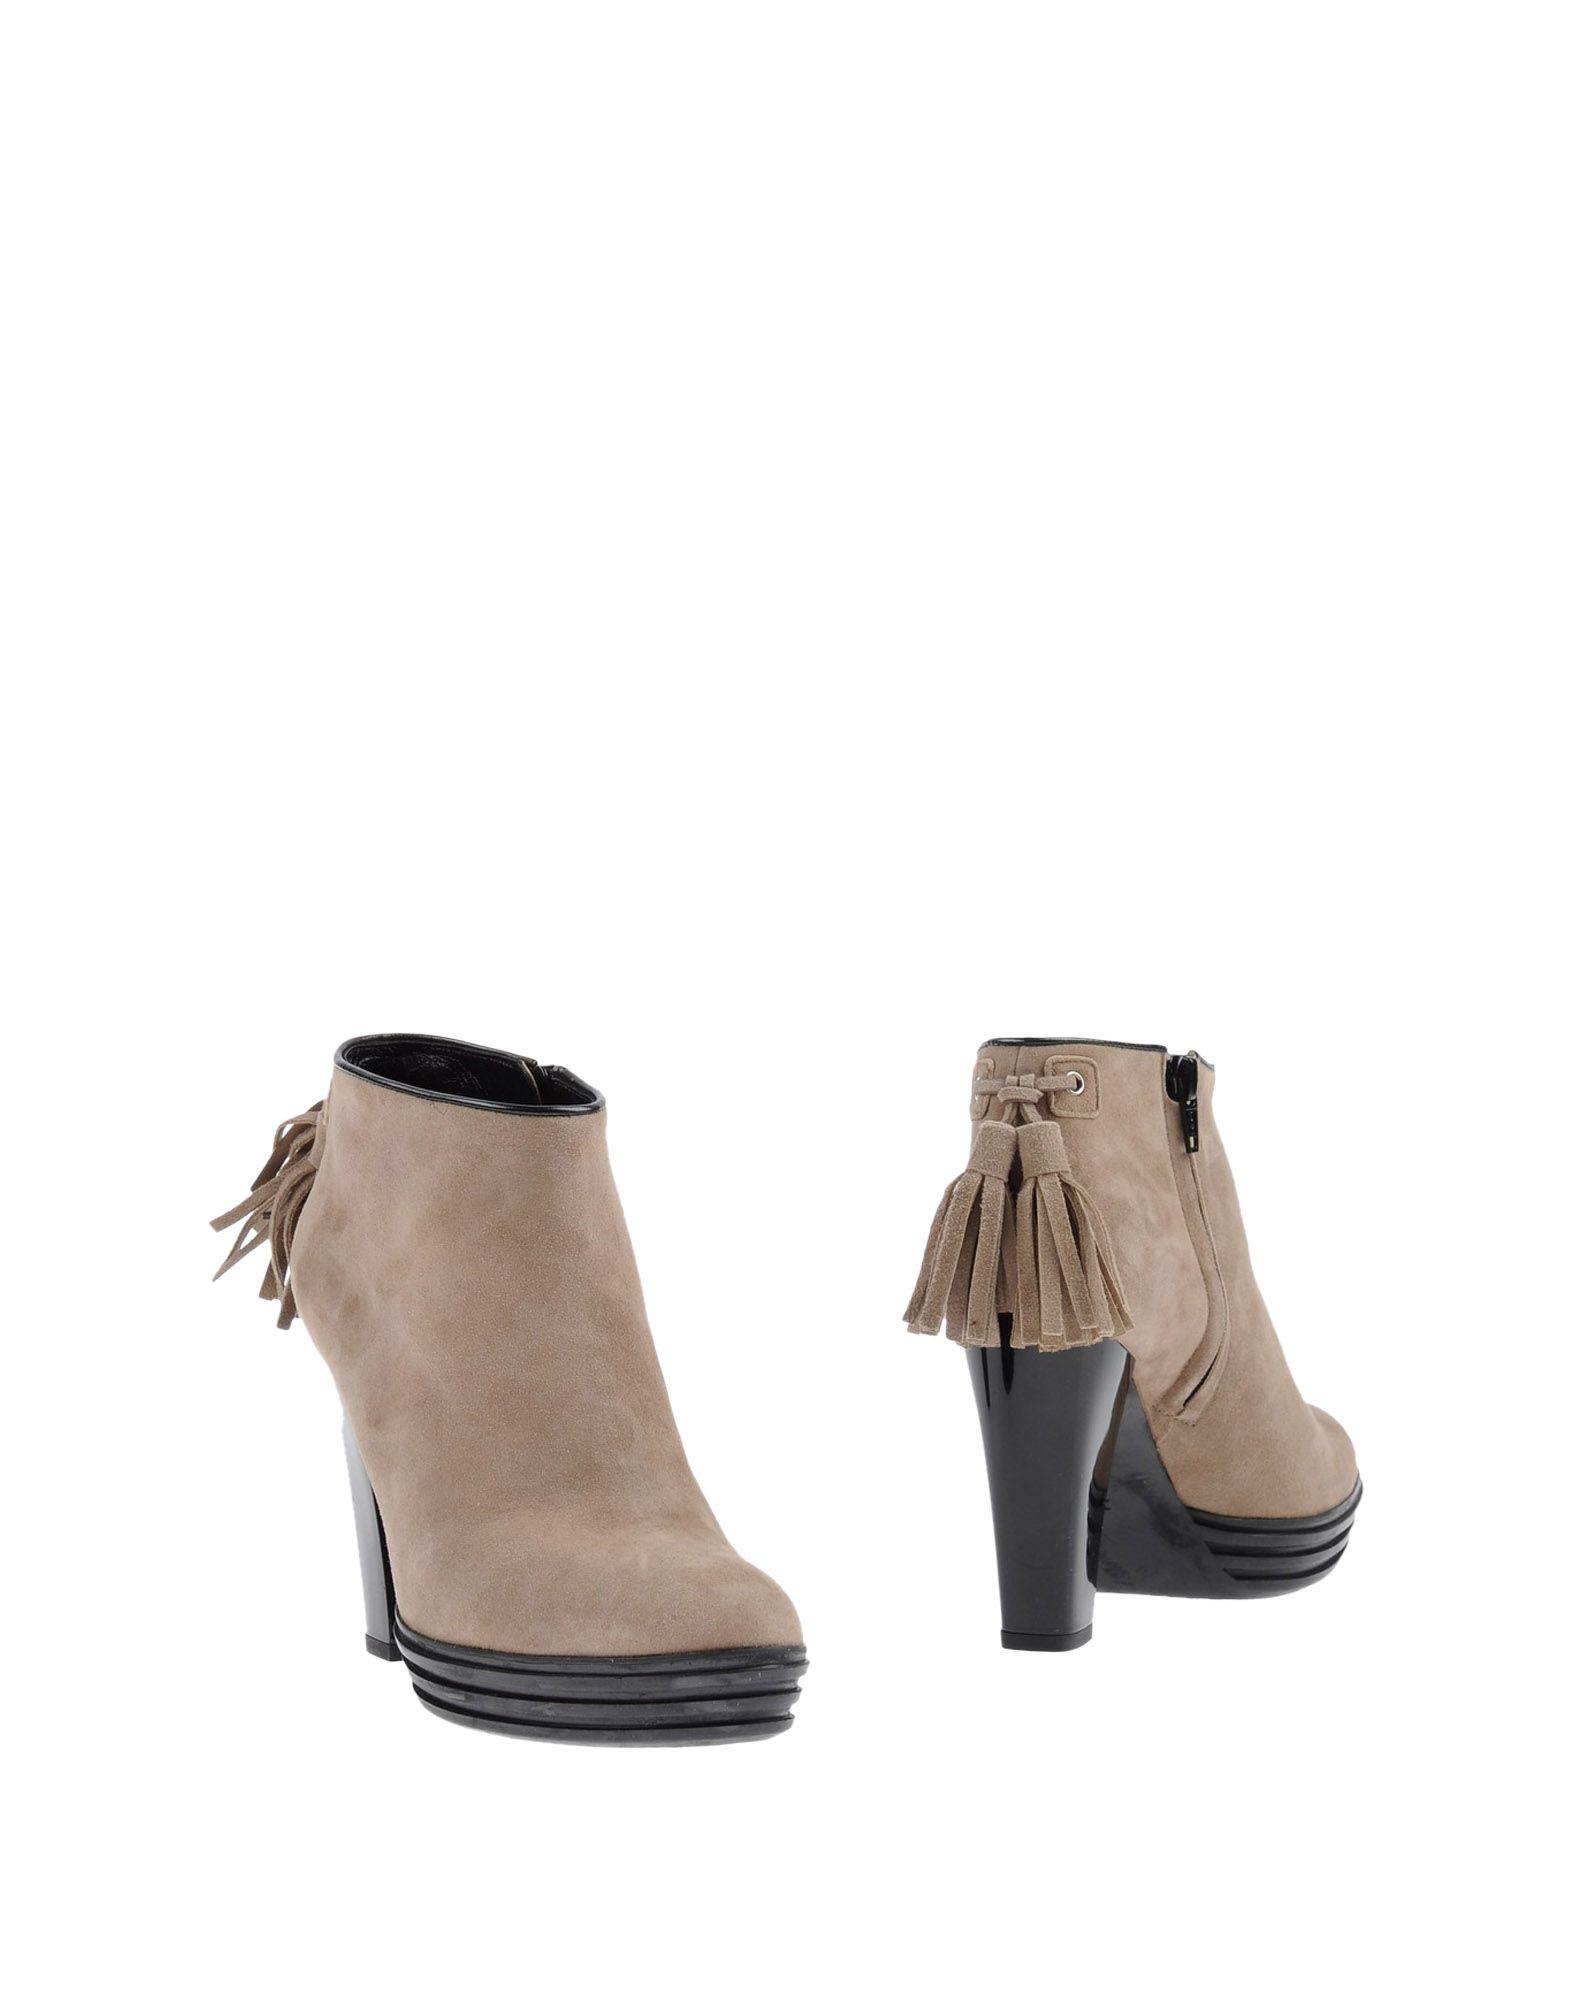 Sneakers Bikkembergs Uomo - 11450586IR Scarpe economiche e buone